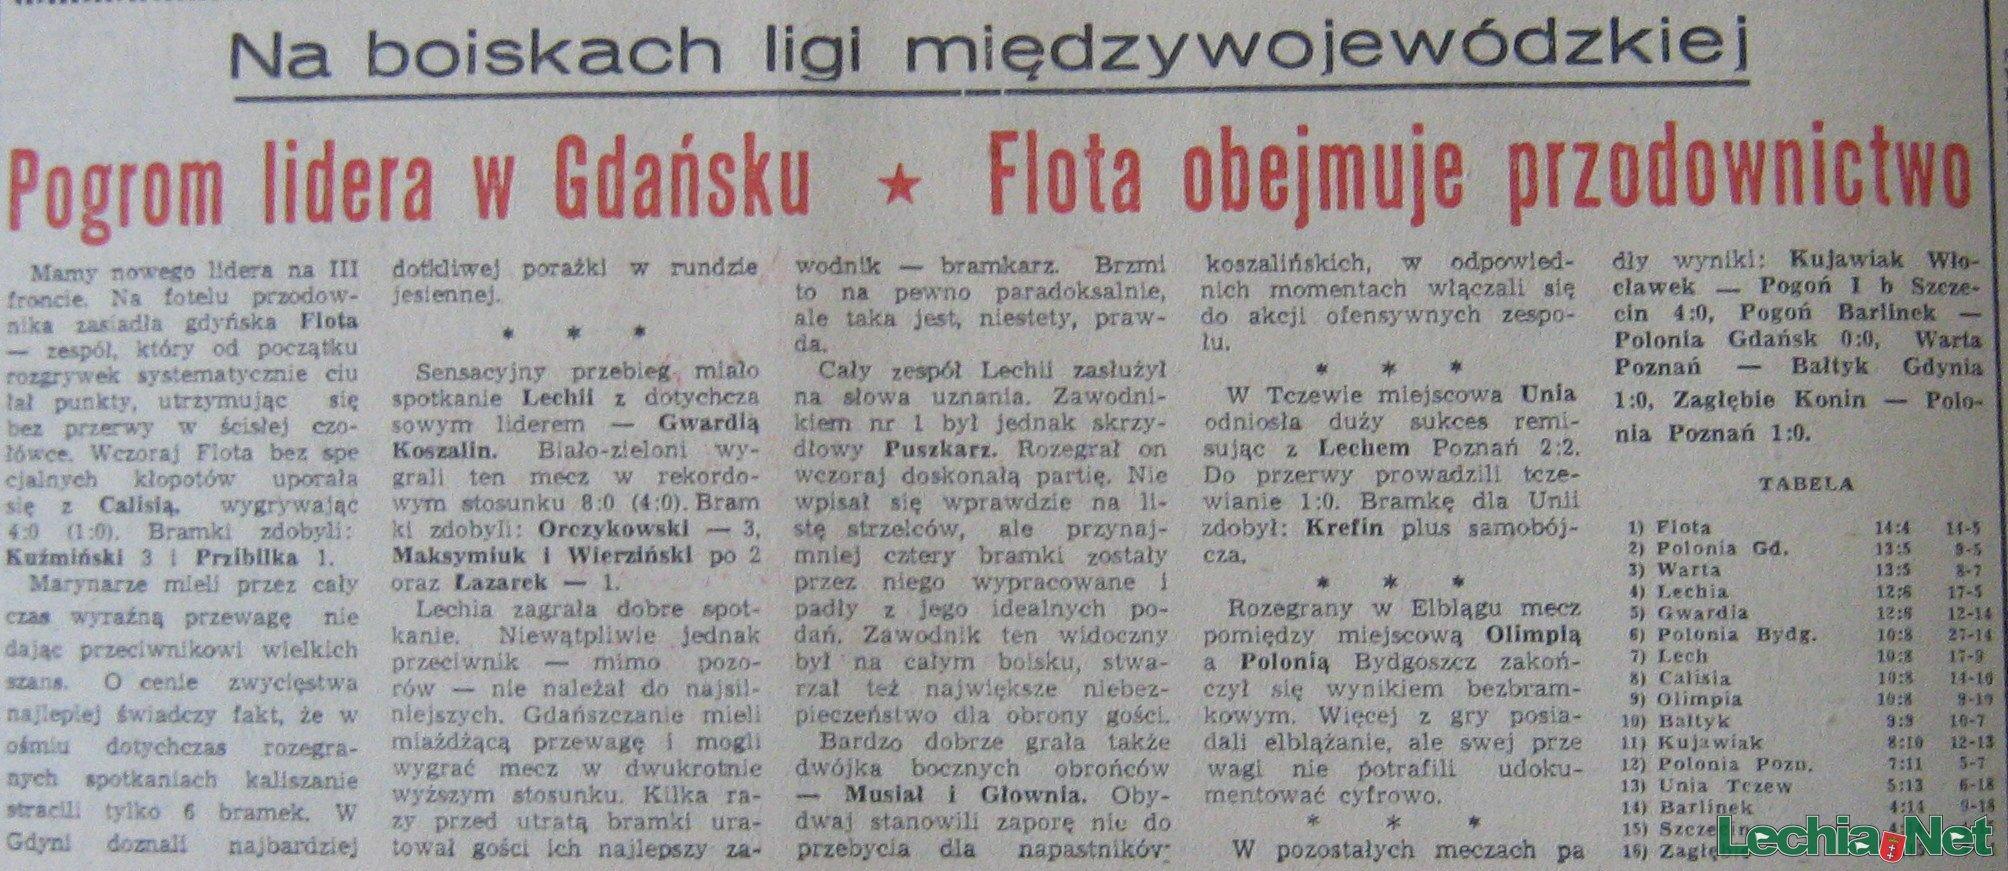 Relacja prasowa z meczu Lechia-Gwardia Koszalin